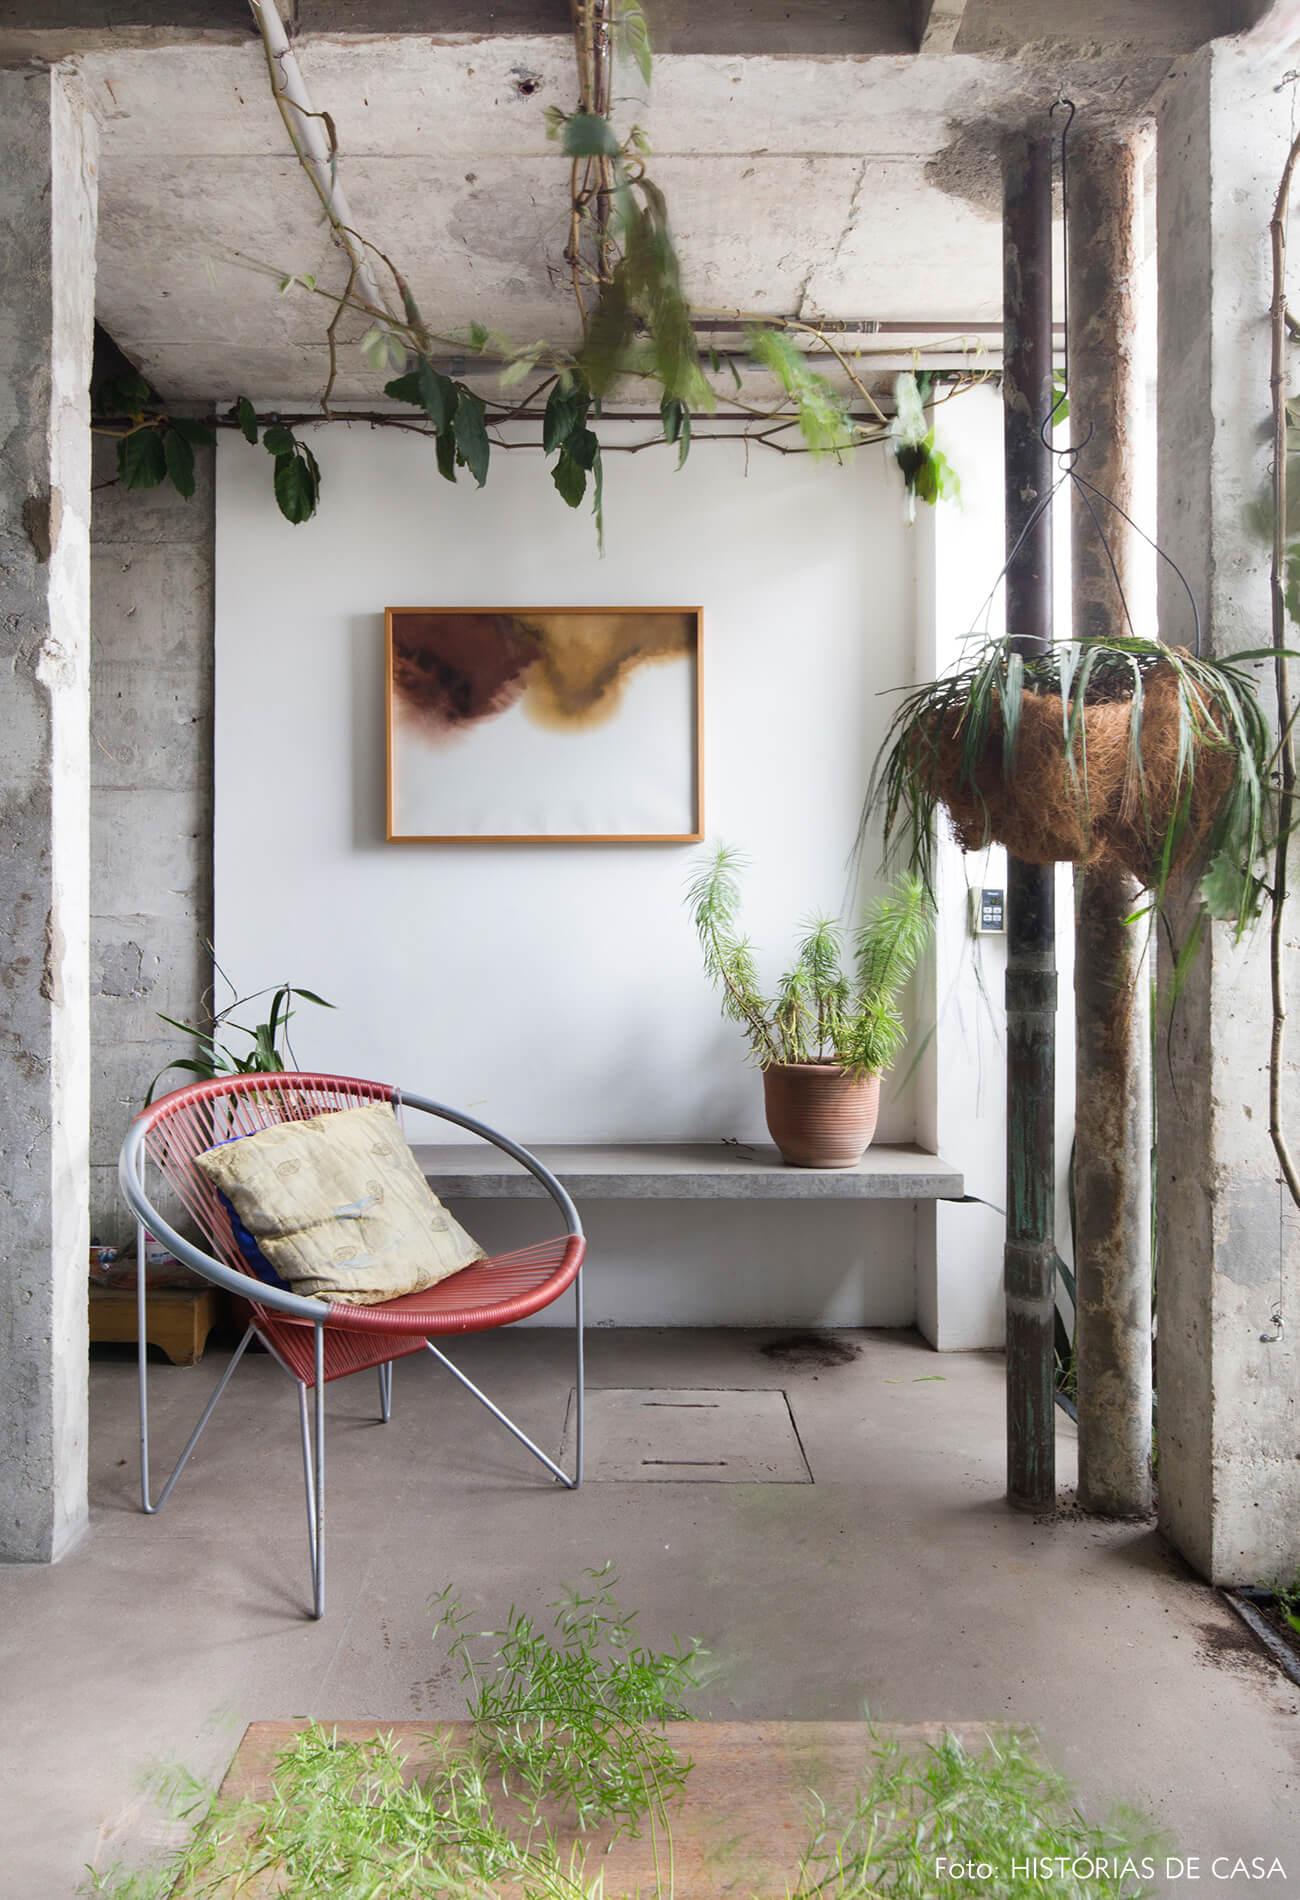 Ap decoração copan banco e colunas de concreto e cadeira vermelha no jardim interno com plantas